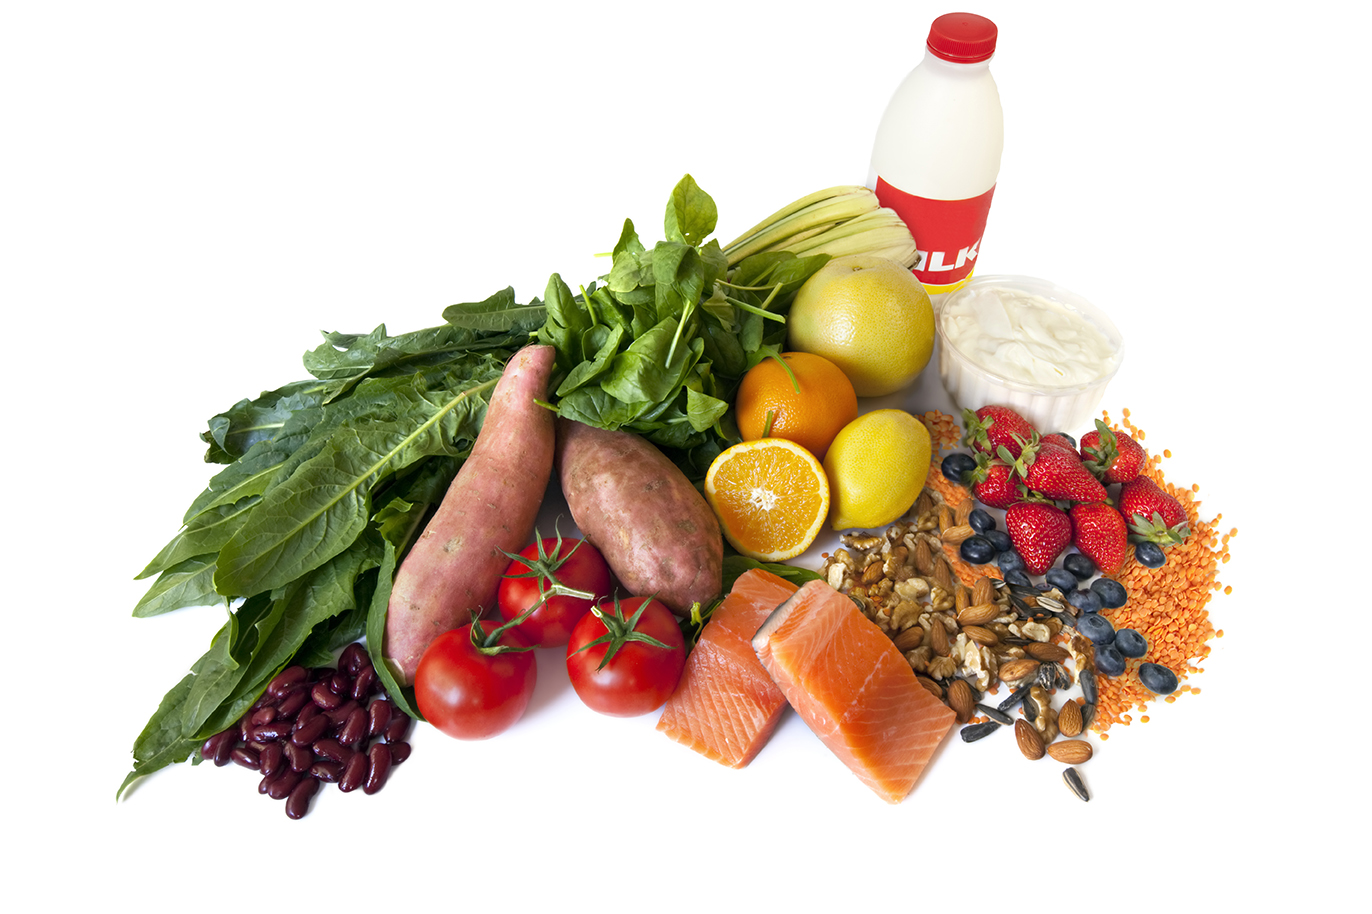 心の病気のための食物学コラム 第2回 統合失調症のビタミン療法